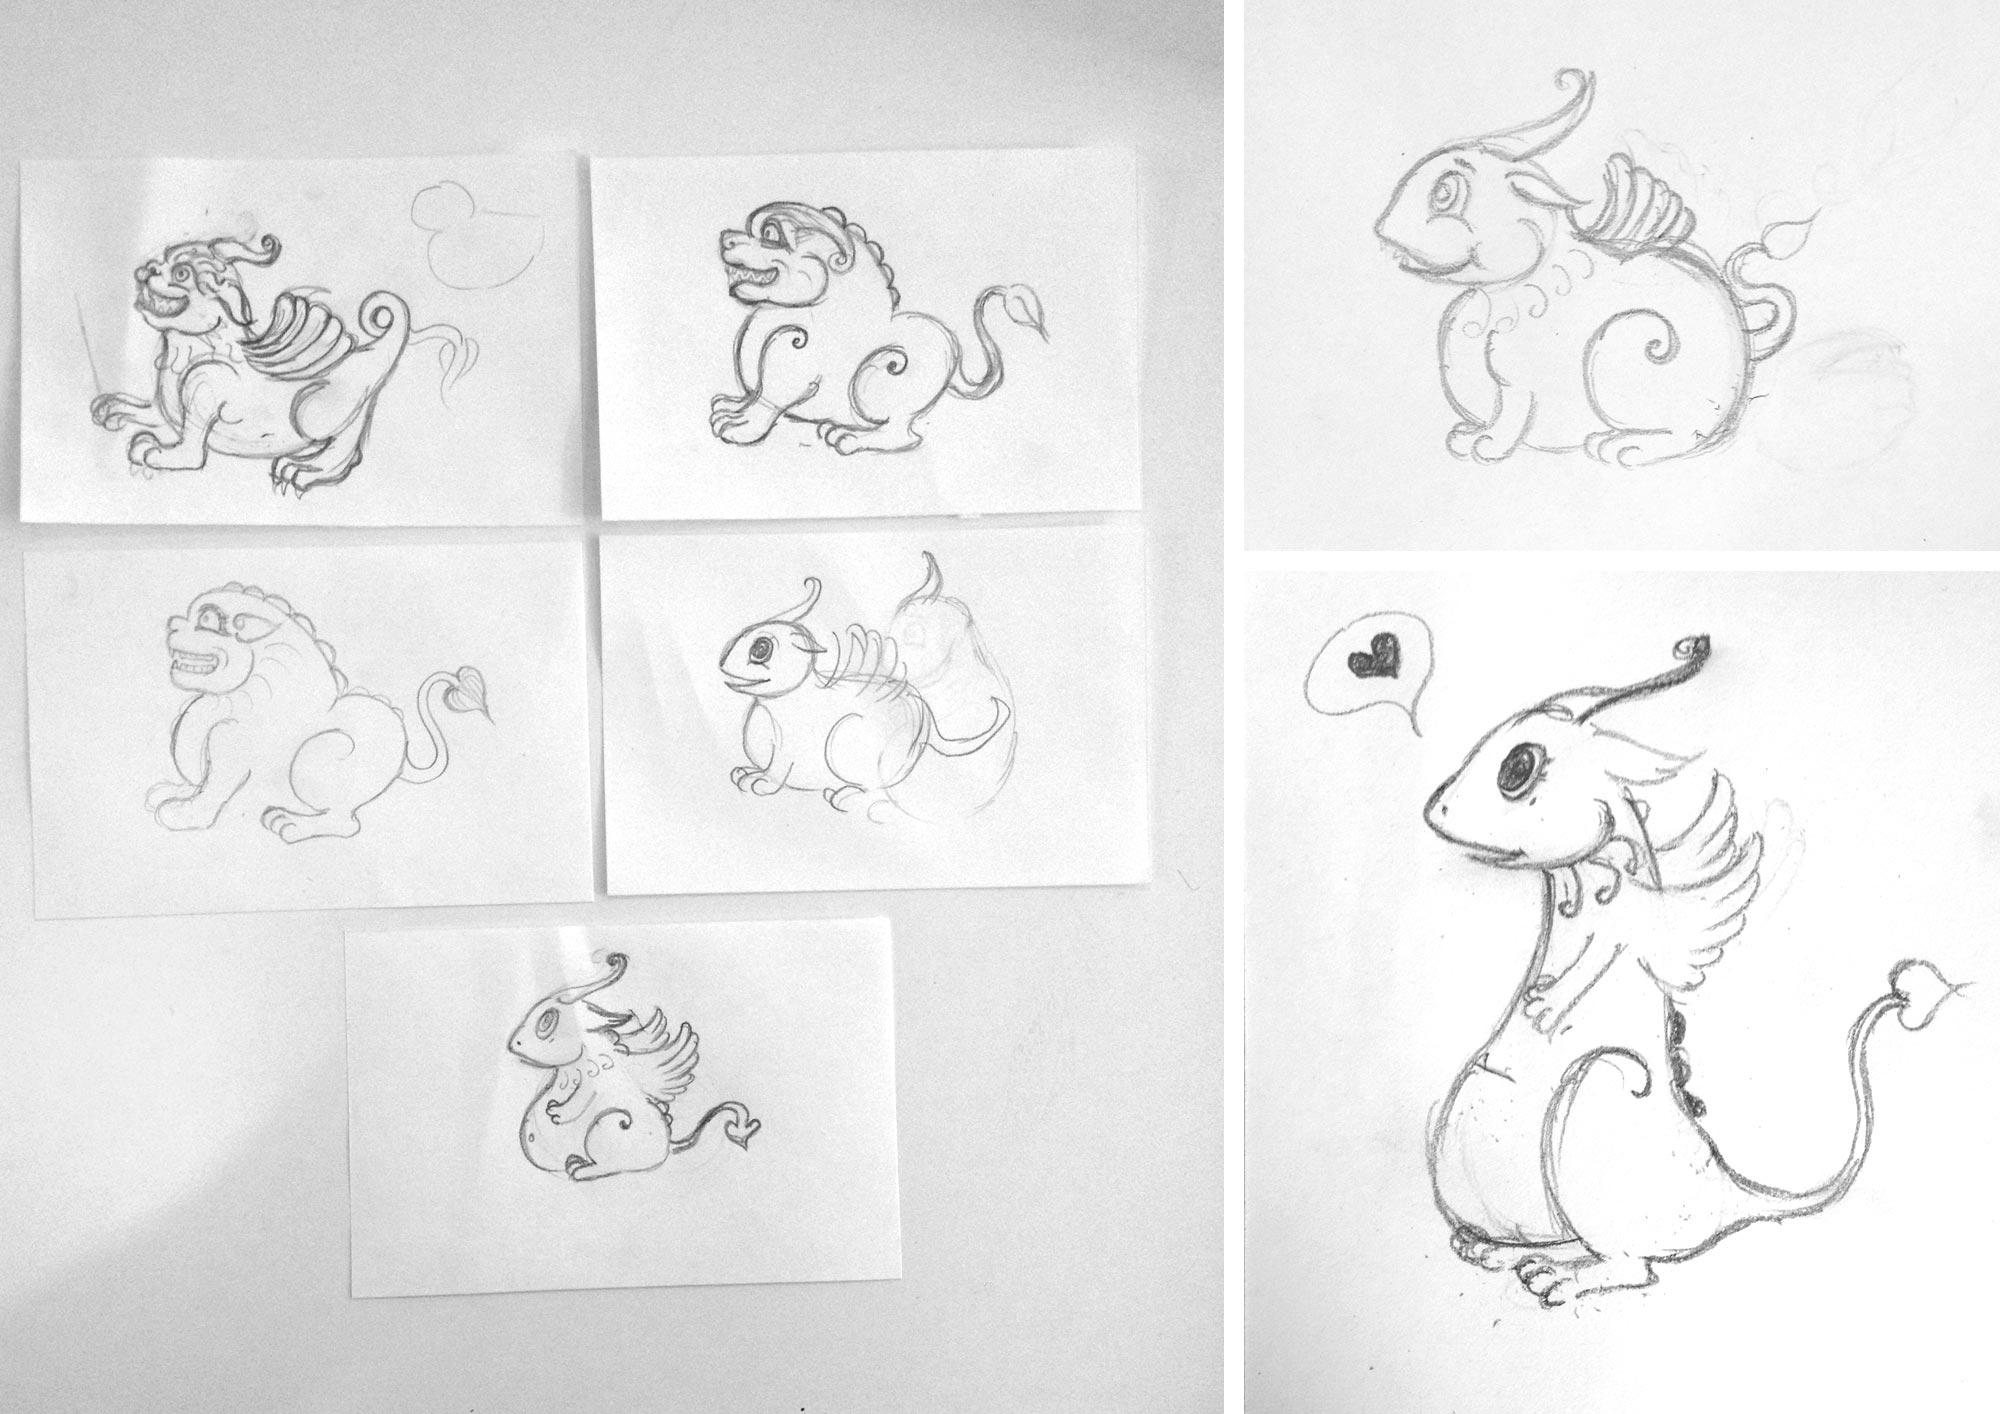 'Percy Pu' Mascot | Initial Sketches